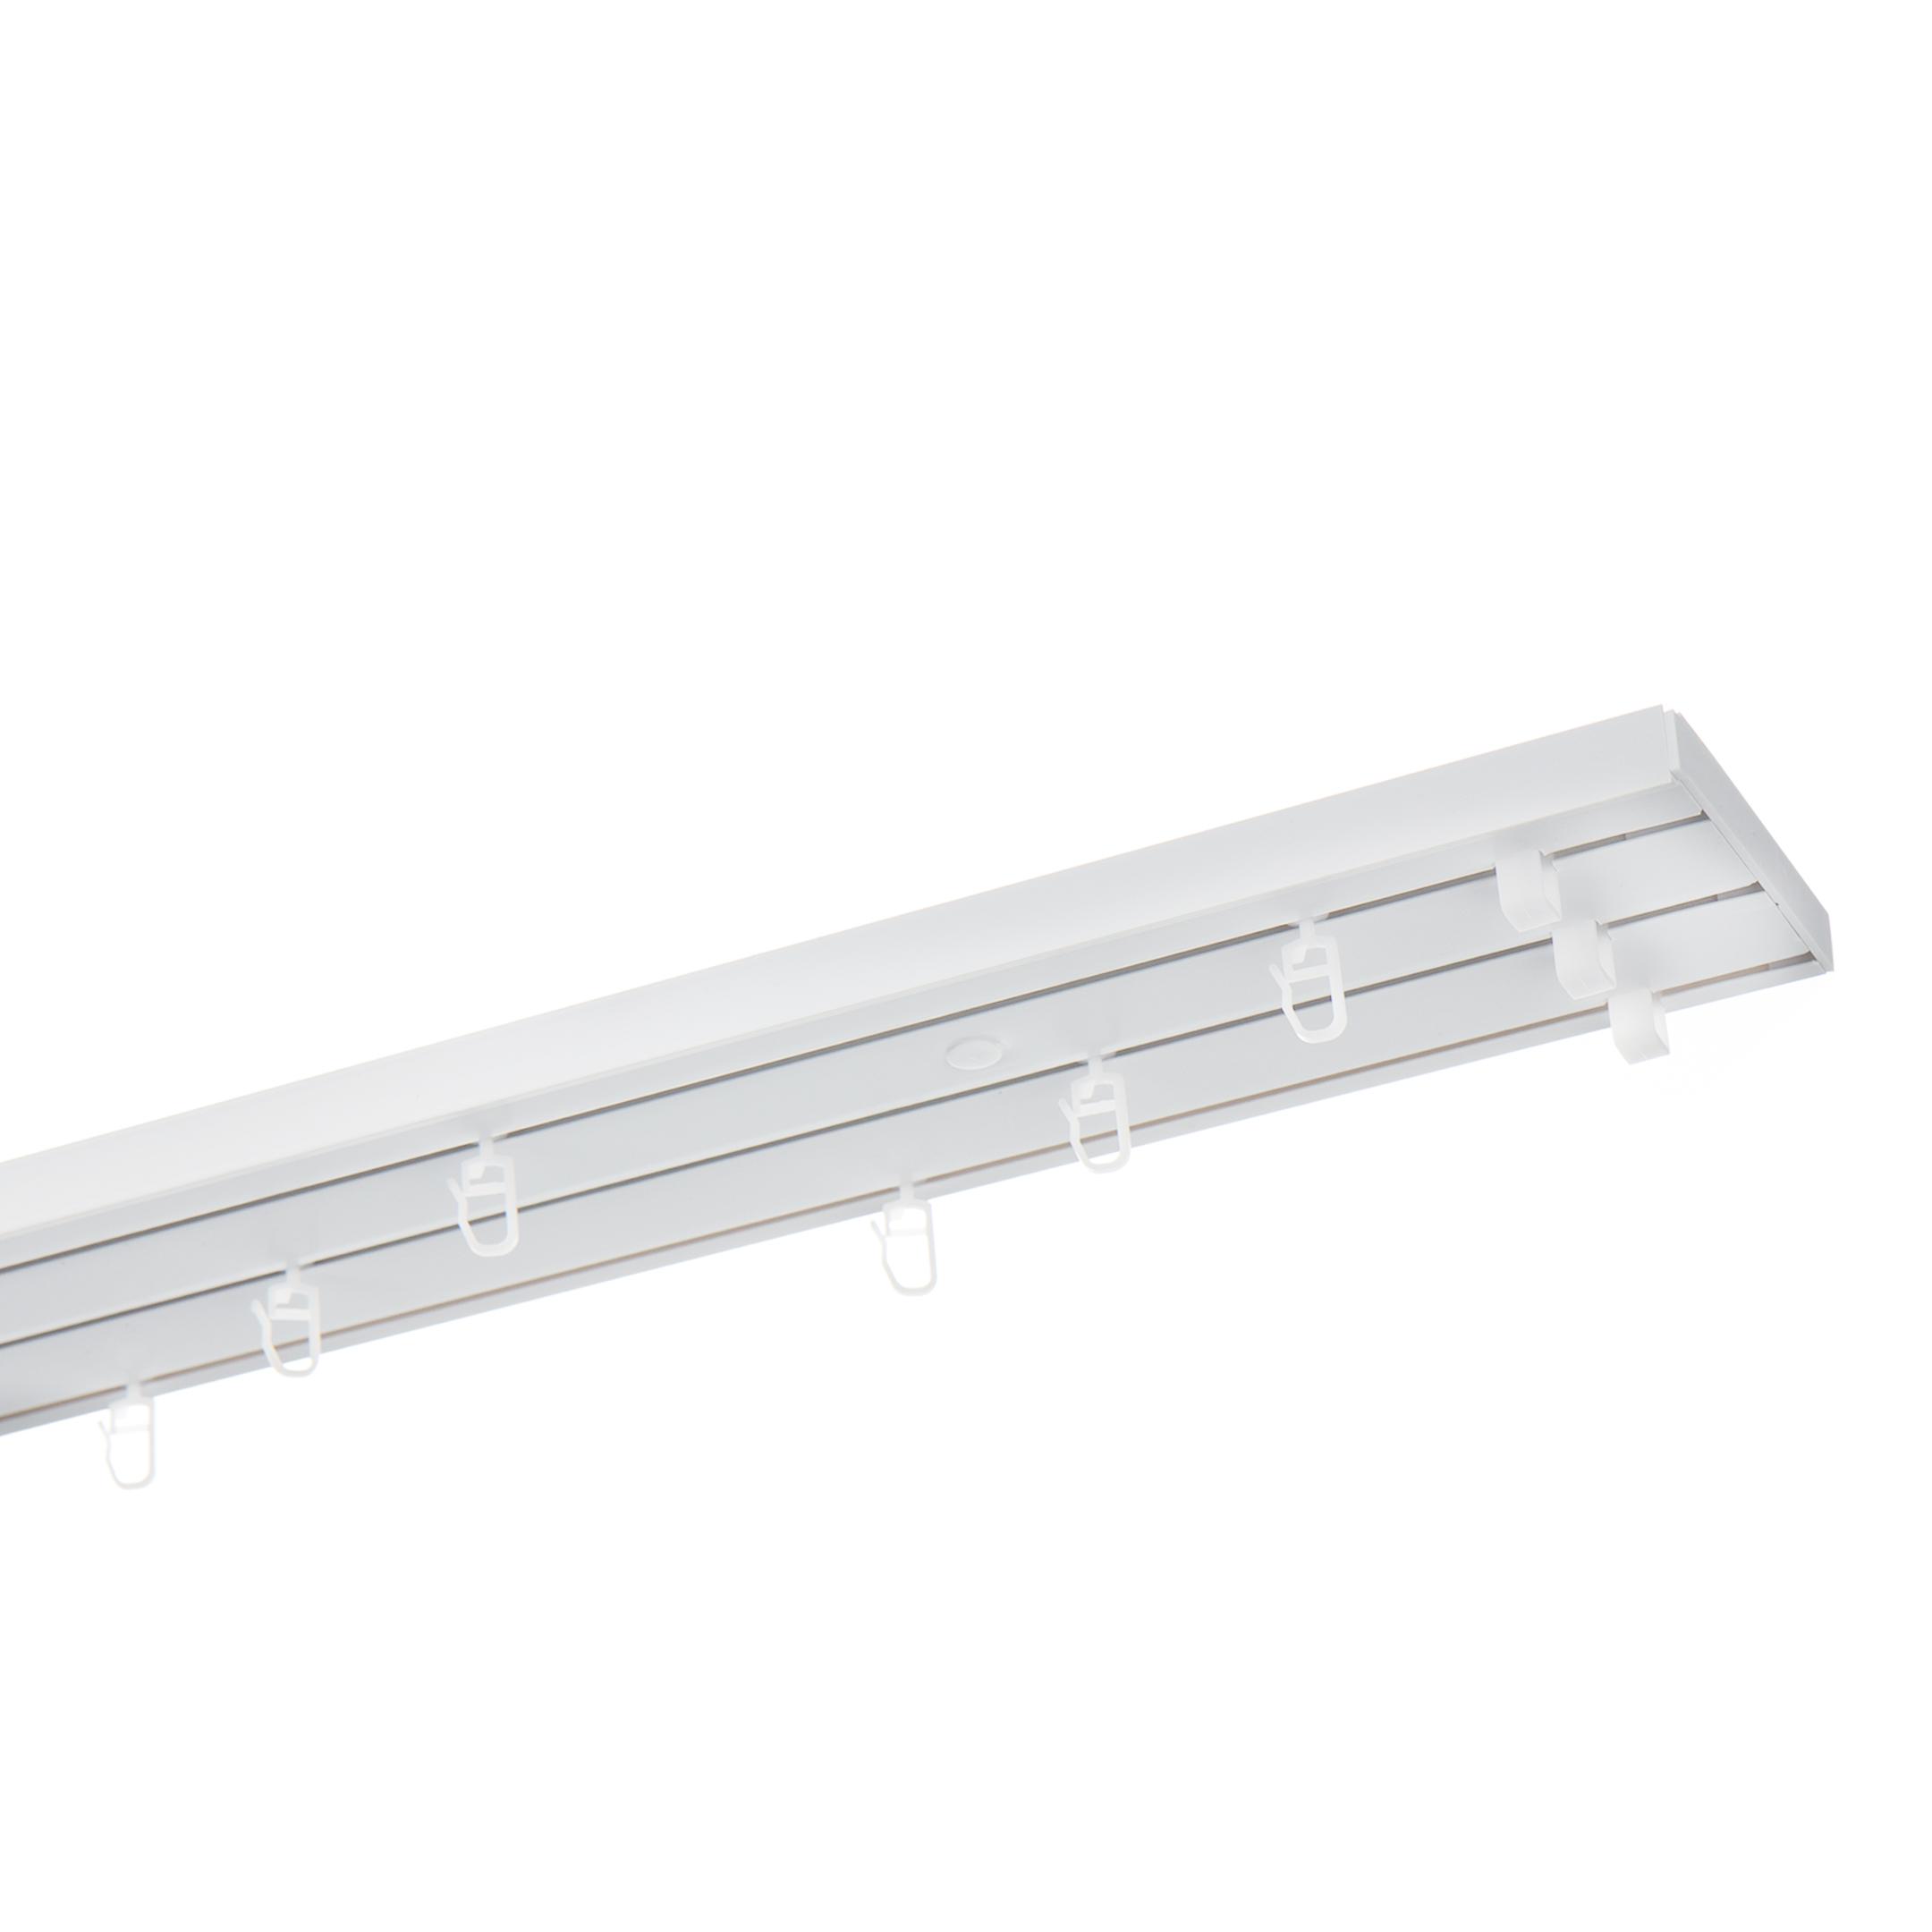 Фото - Карниз потолочный пластмассовый трехрядный 200 см белый карниз потолочный пластиковый dda поворот греция трехрядный краке 3 6